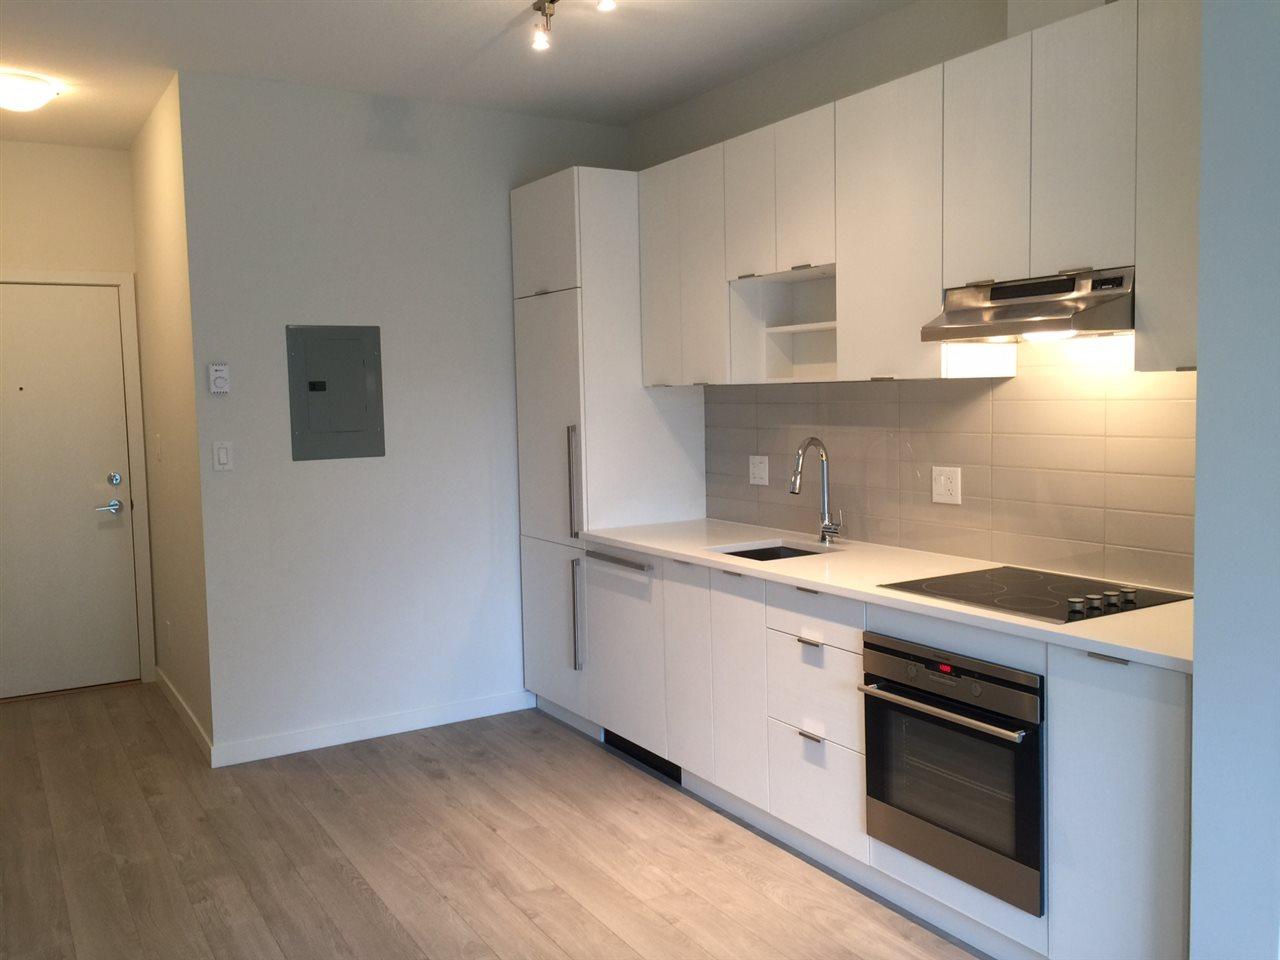 Condo Apartment at 410 13678 GROSVENOR ROAD, Unit 410, North Surrey, British Columbia. Image 10